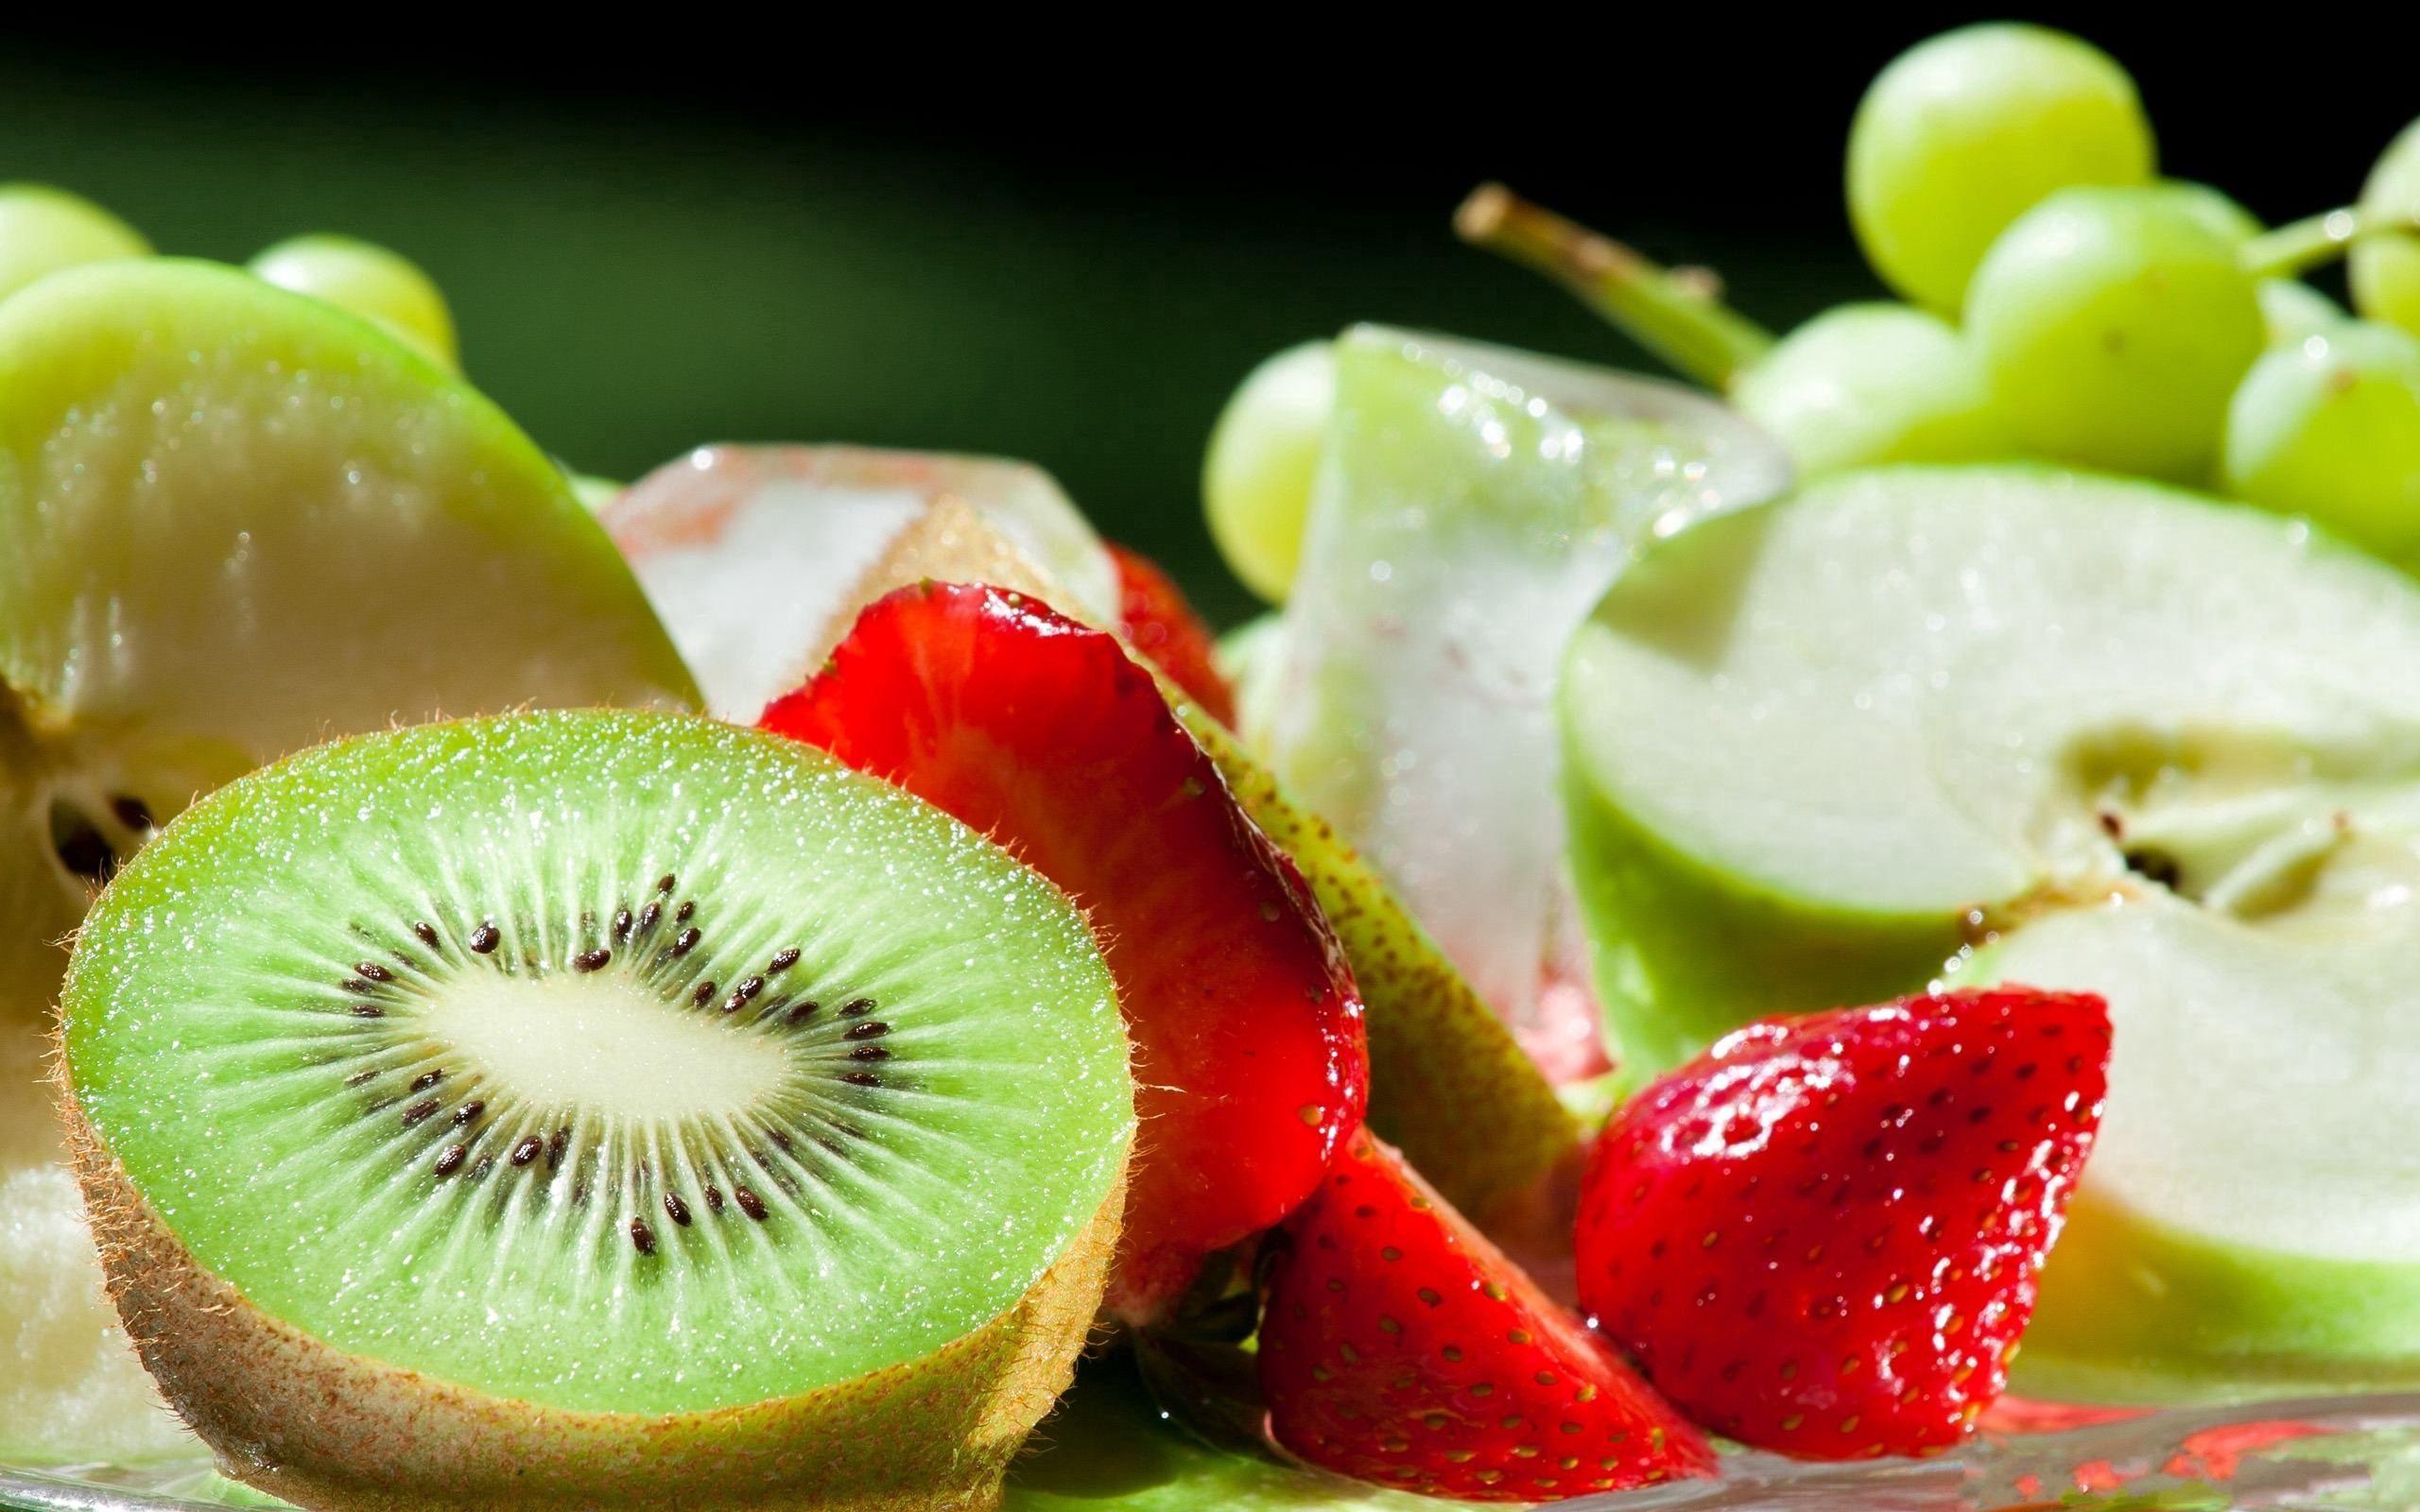 免費下載 54869: 水果, 食物, 草莓, 苹果, 猕猴桃, 成熟, 什锦, 各种, 多汁, 熟 桌面壁紙